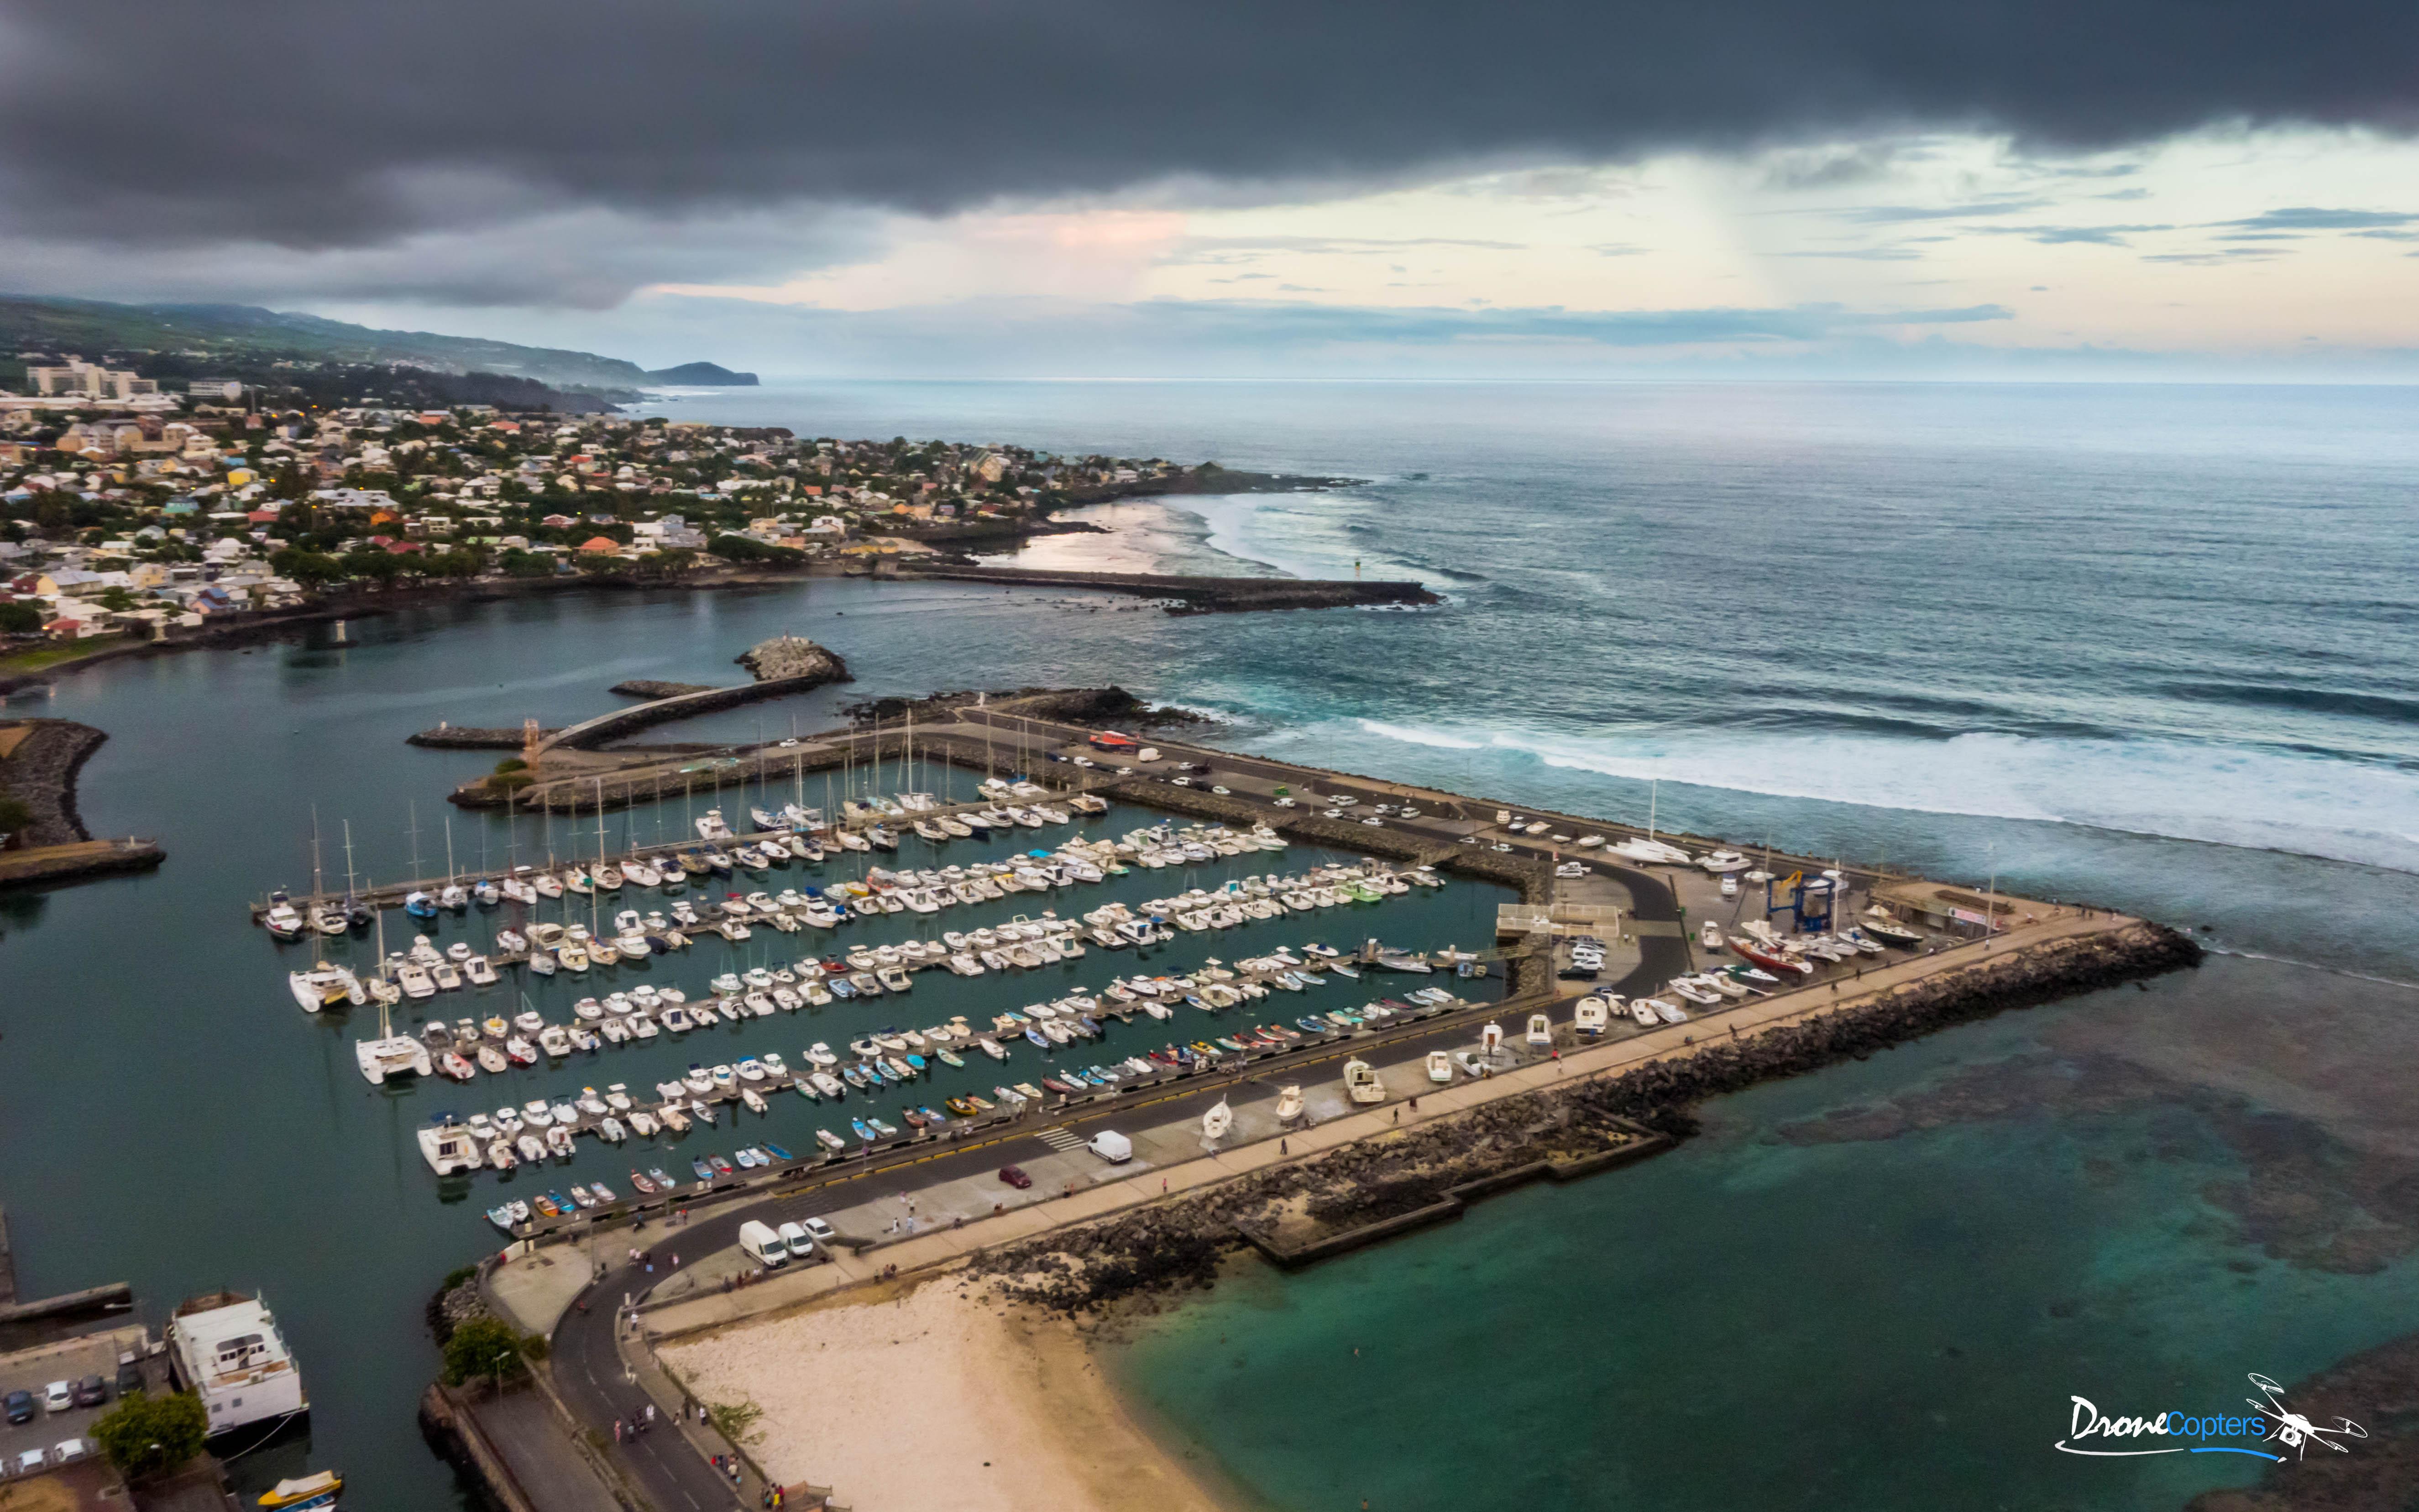 Saint pierre la capitale du sud vu du ciel par drone - Saint pierre la mer office du tourisme ...